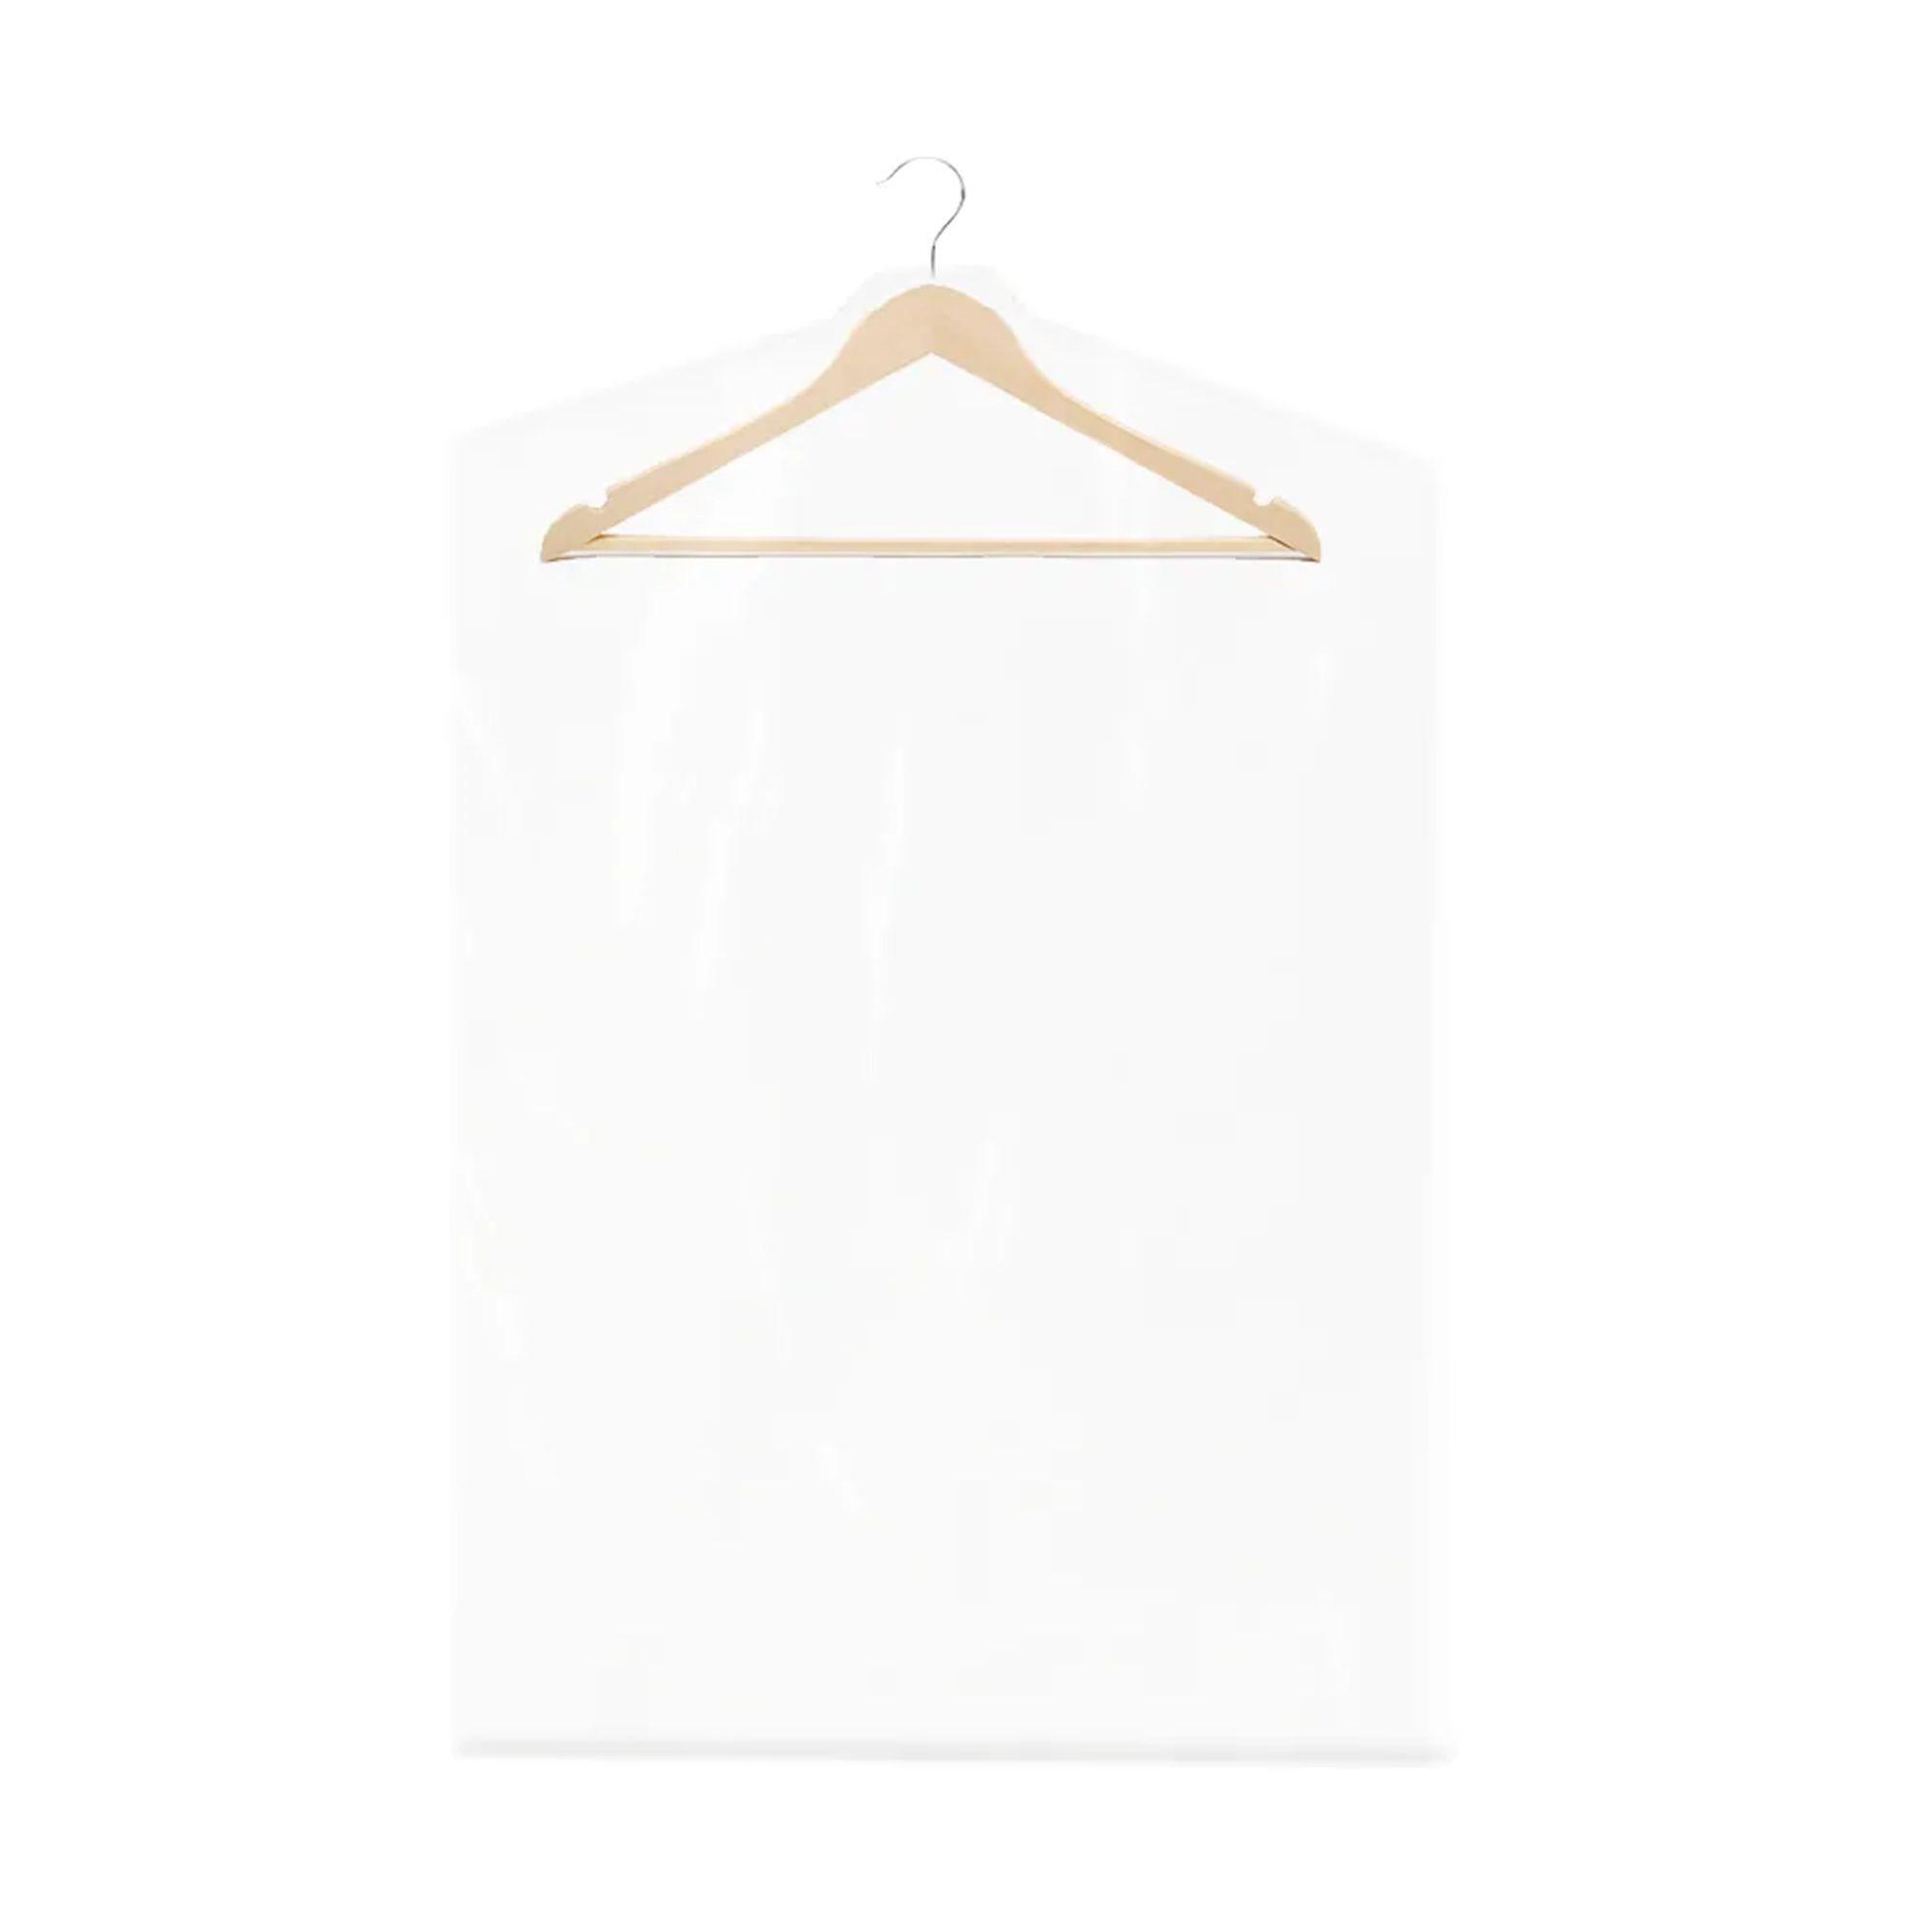 Saco Plástico para Cabide (Ombreira) Transparente - Pacote 5 unidades